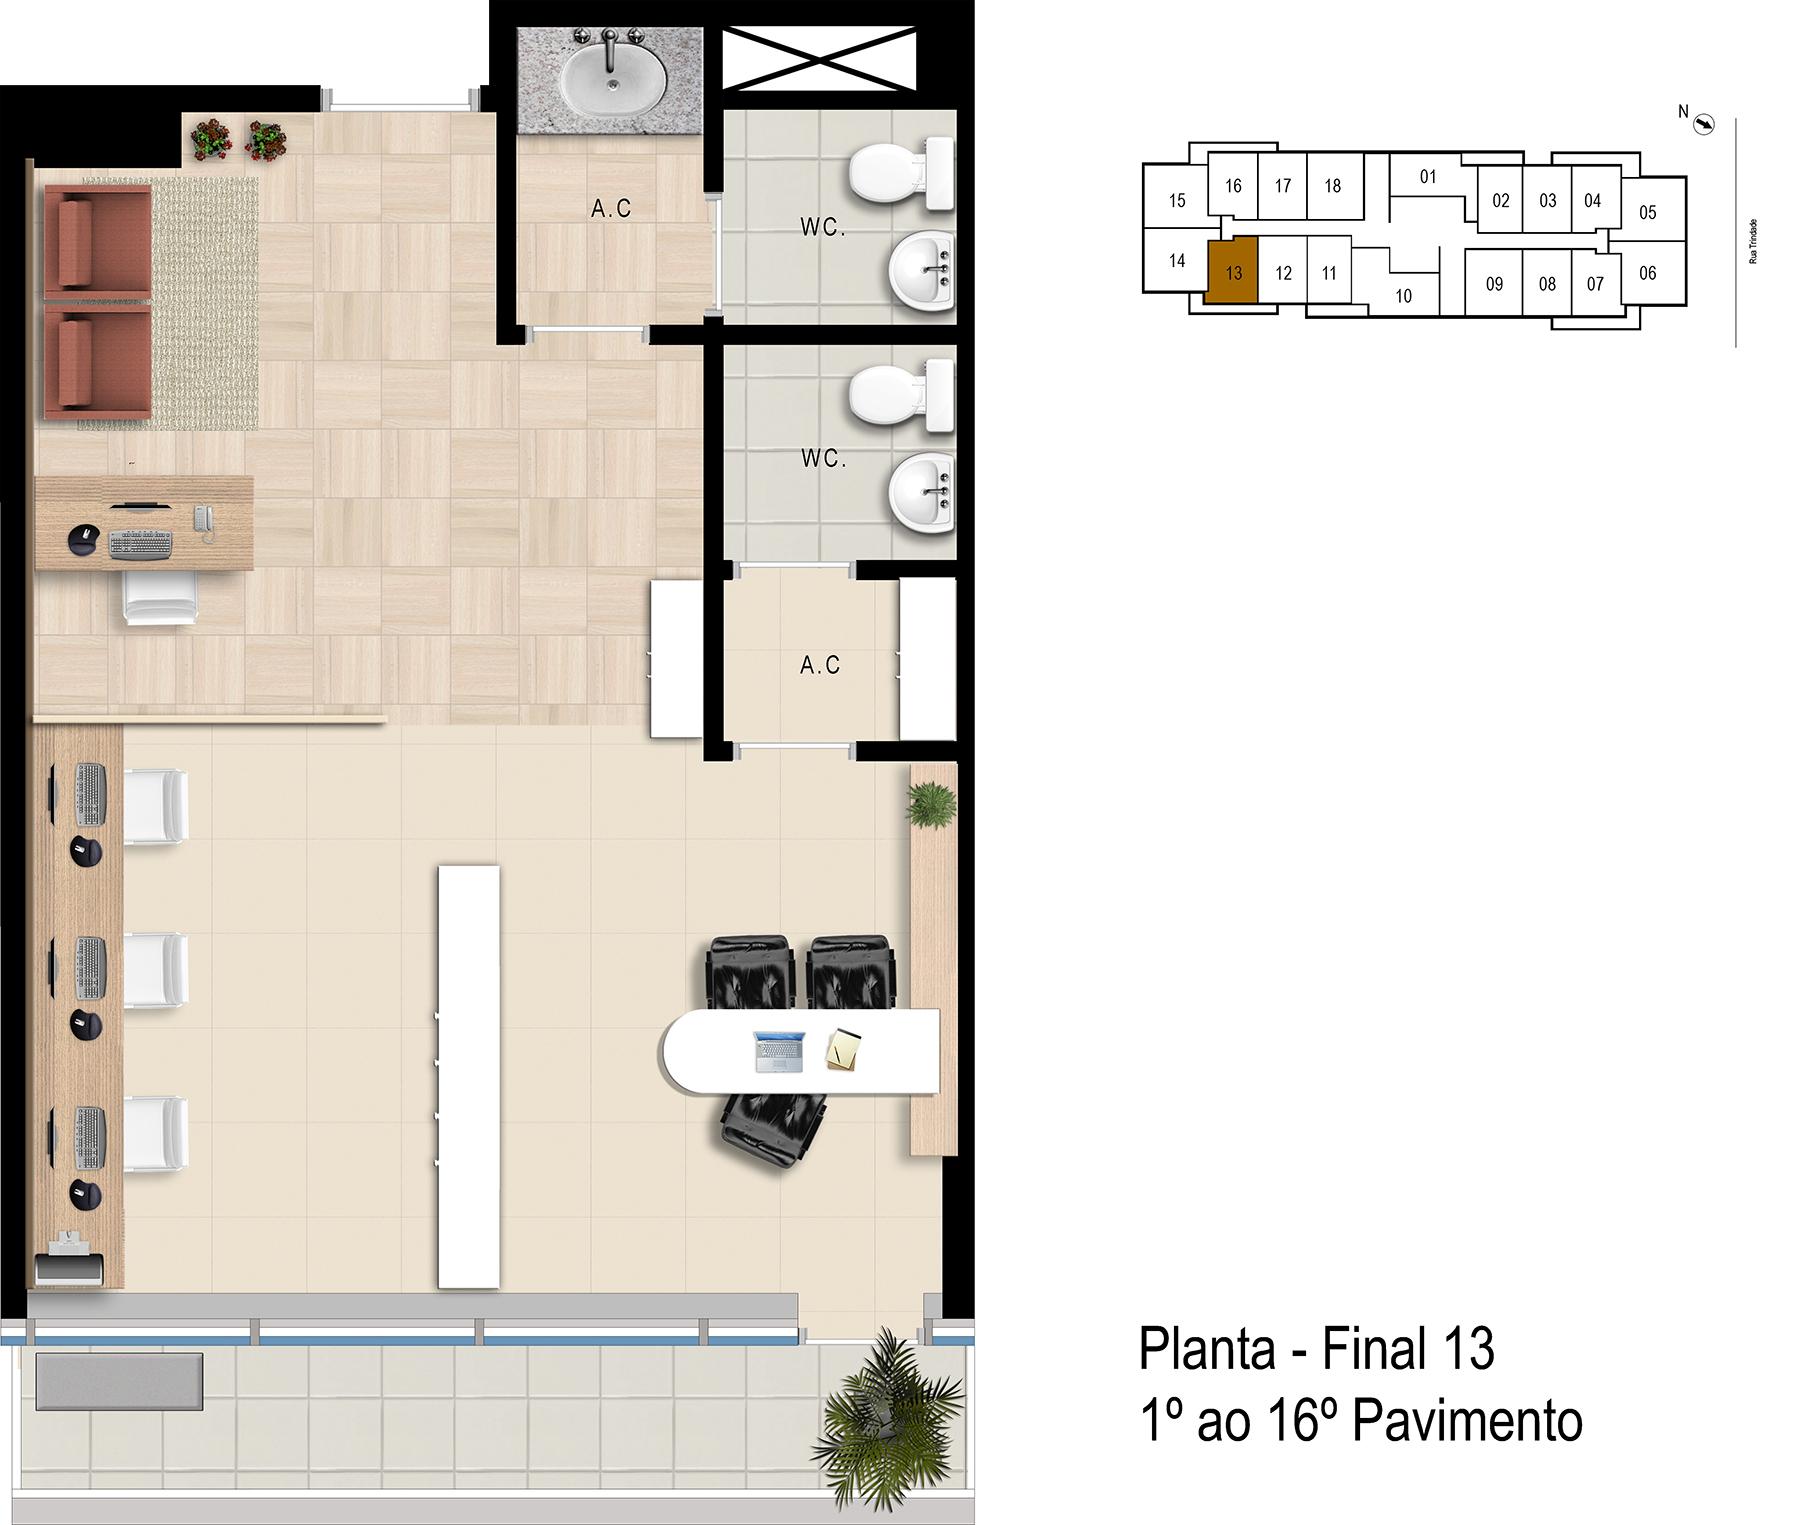 Final 13 - 1° ao 16° Pavimento Office Bethaville